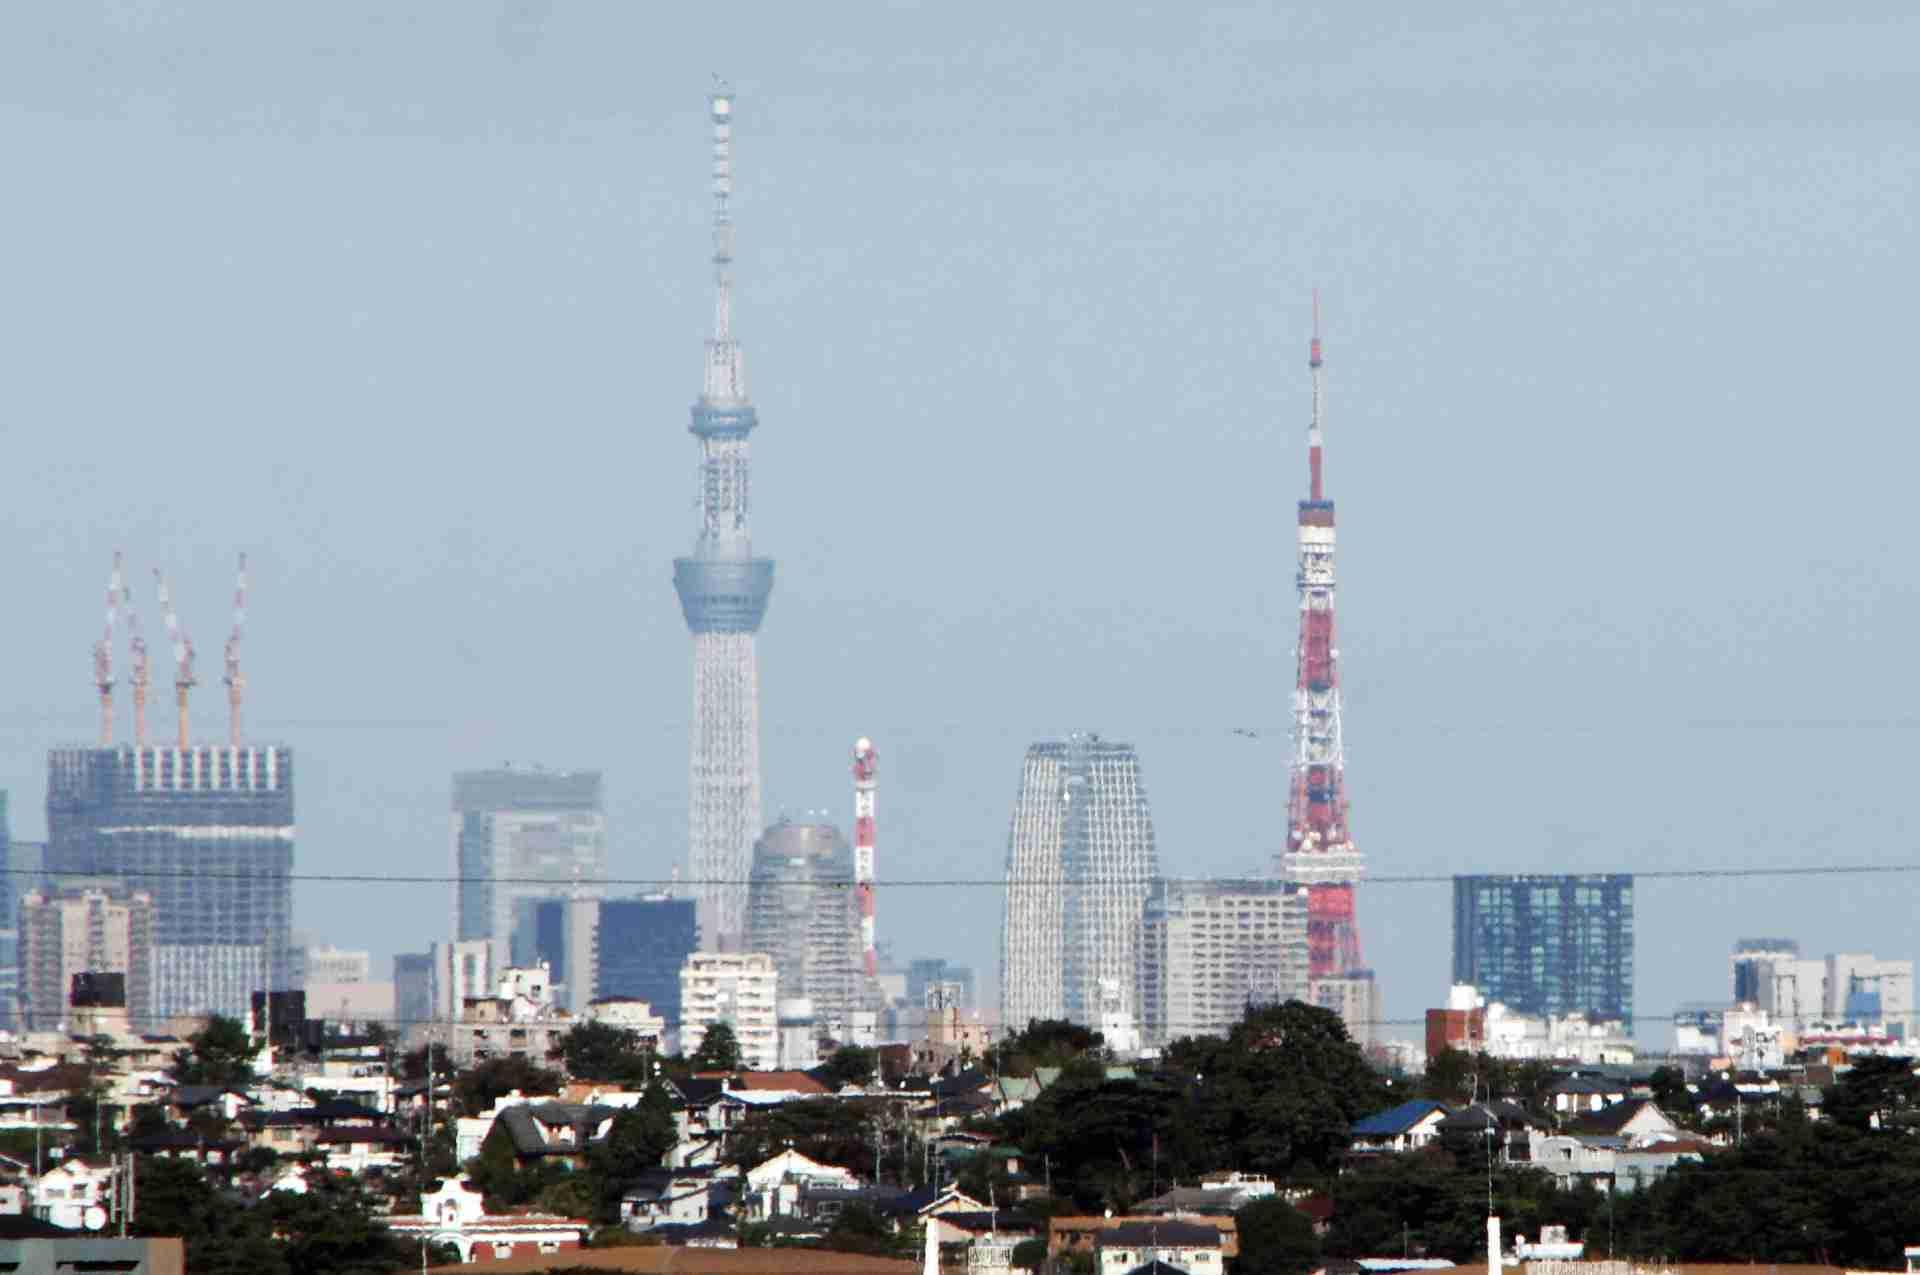 東京から連想するものは何?